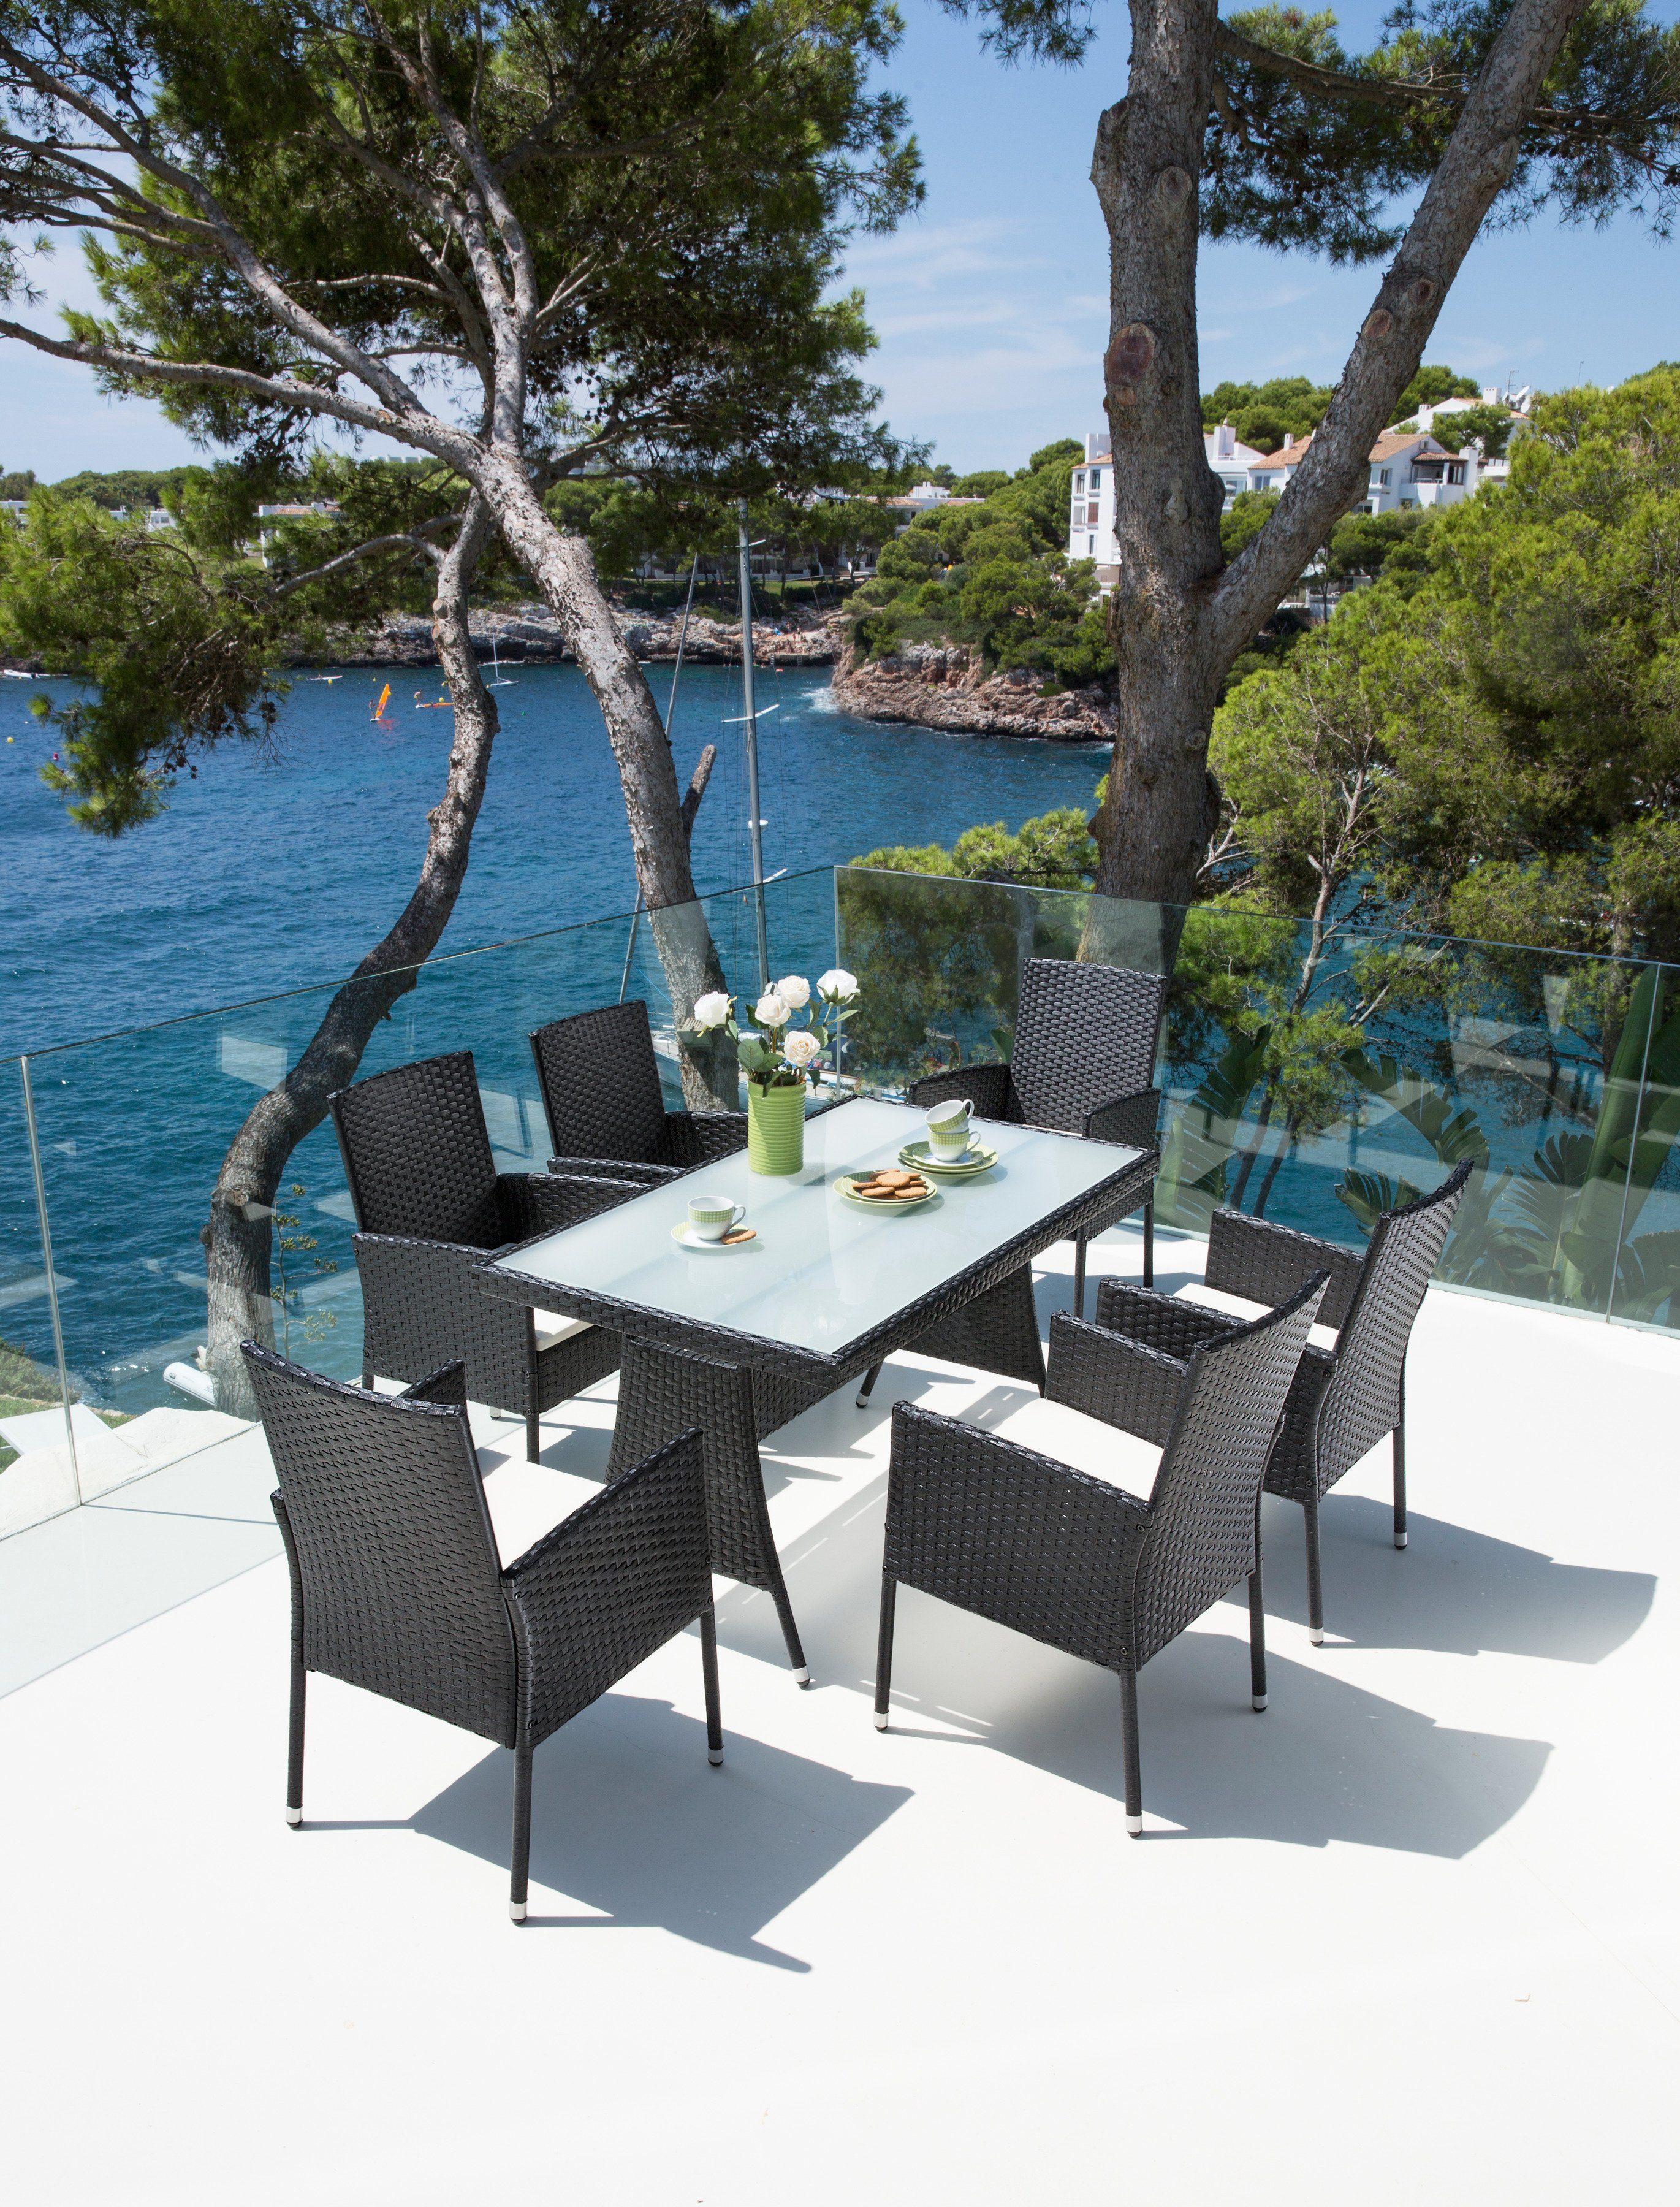 Gartenmöbelset »Costa Rica«, 6 Sessel, Tisch 140x80cm, Polyrattan, schwarz